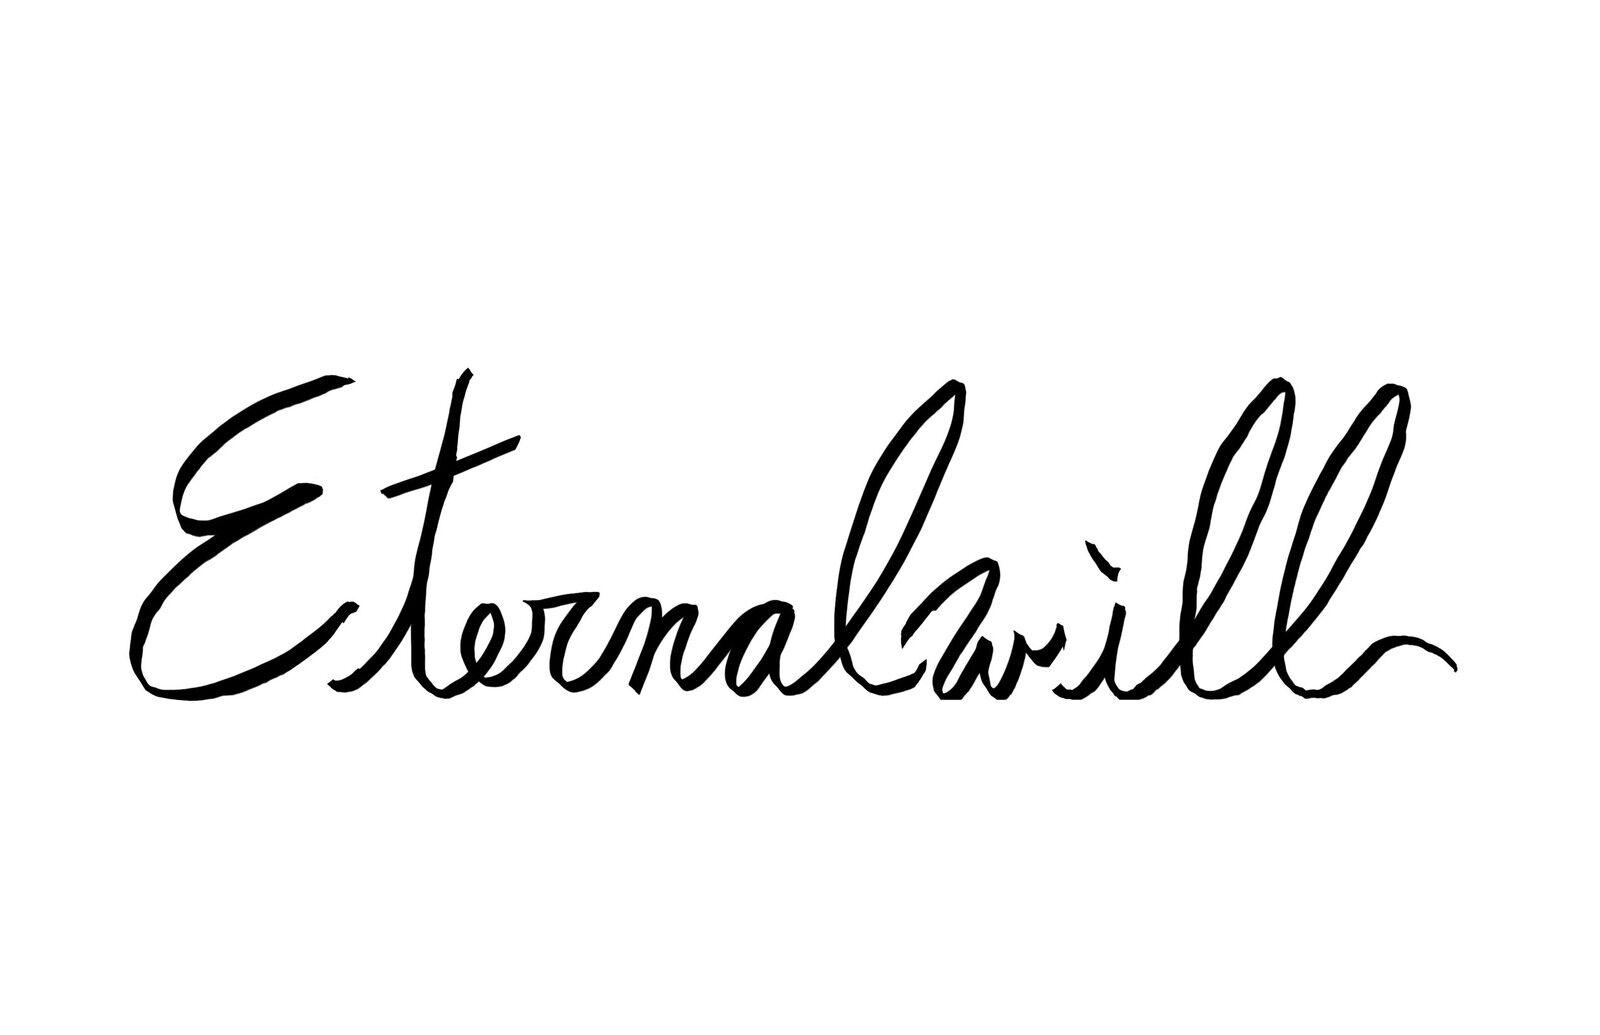 eternalwill